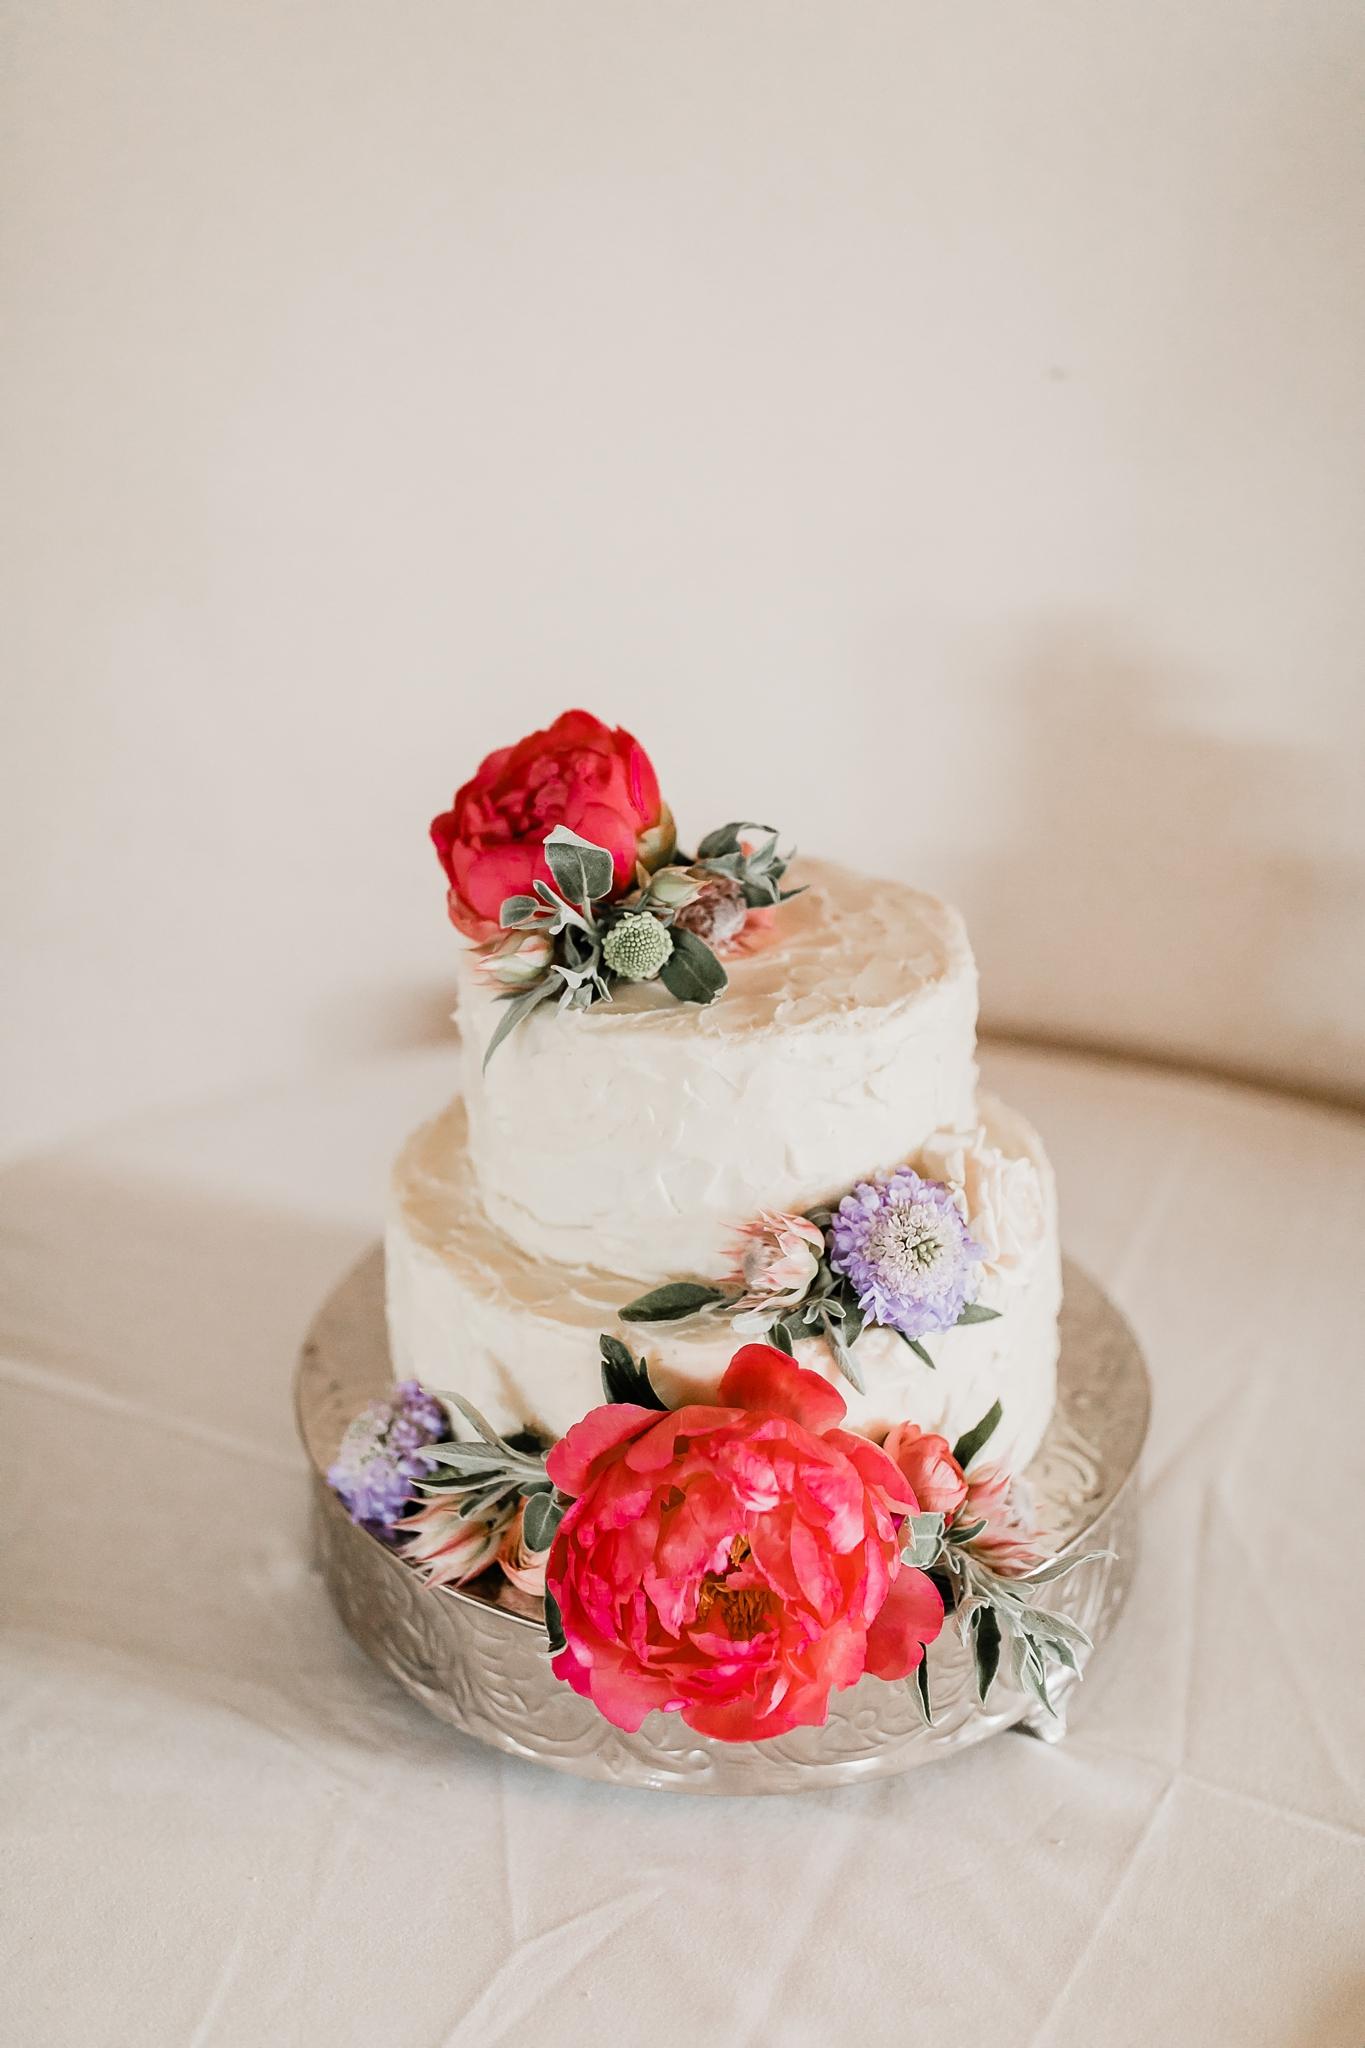 Alicia+lucia+photography+-+albuquerque+wedding+photographer+-+santa+fe+wedding+photography+-+new+mexico+wedding+photographer+-+new+mexico+wedding+-+summer+wedding+-+summer+wedding+florals+-+southwest+wedding_0047.jpg